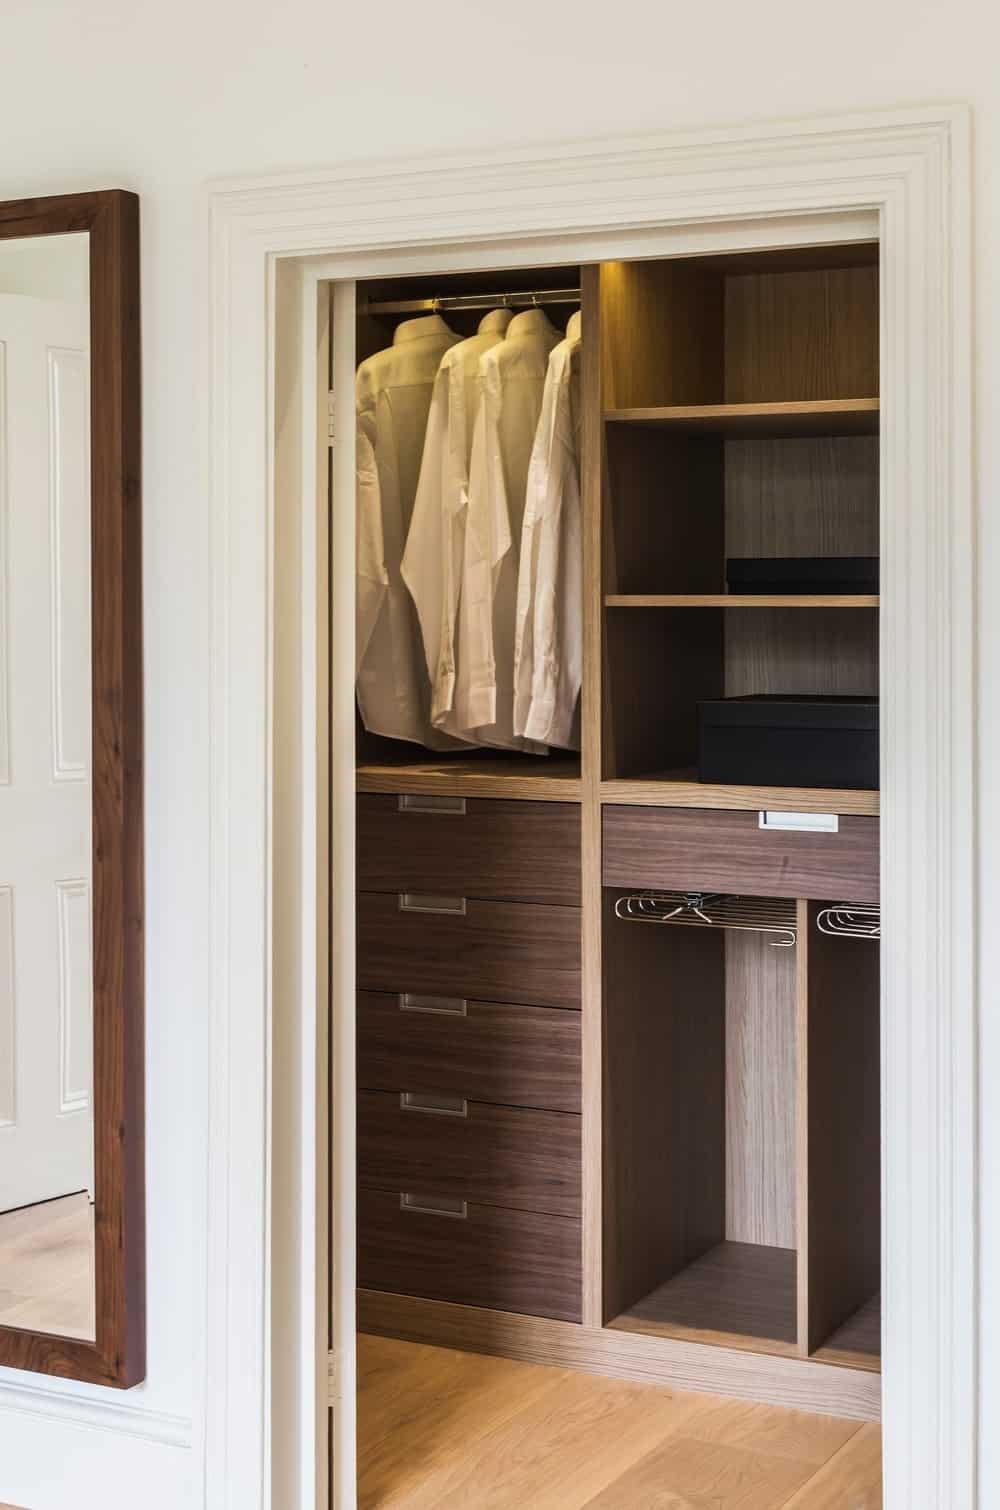 Image Result For Standard Master Bedroom Dimensionsa